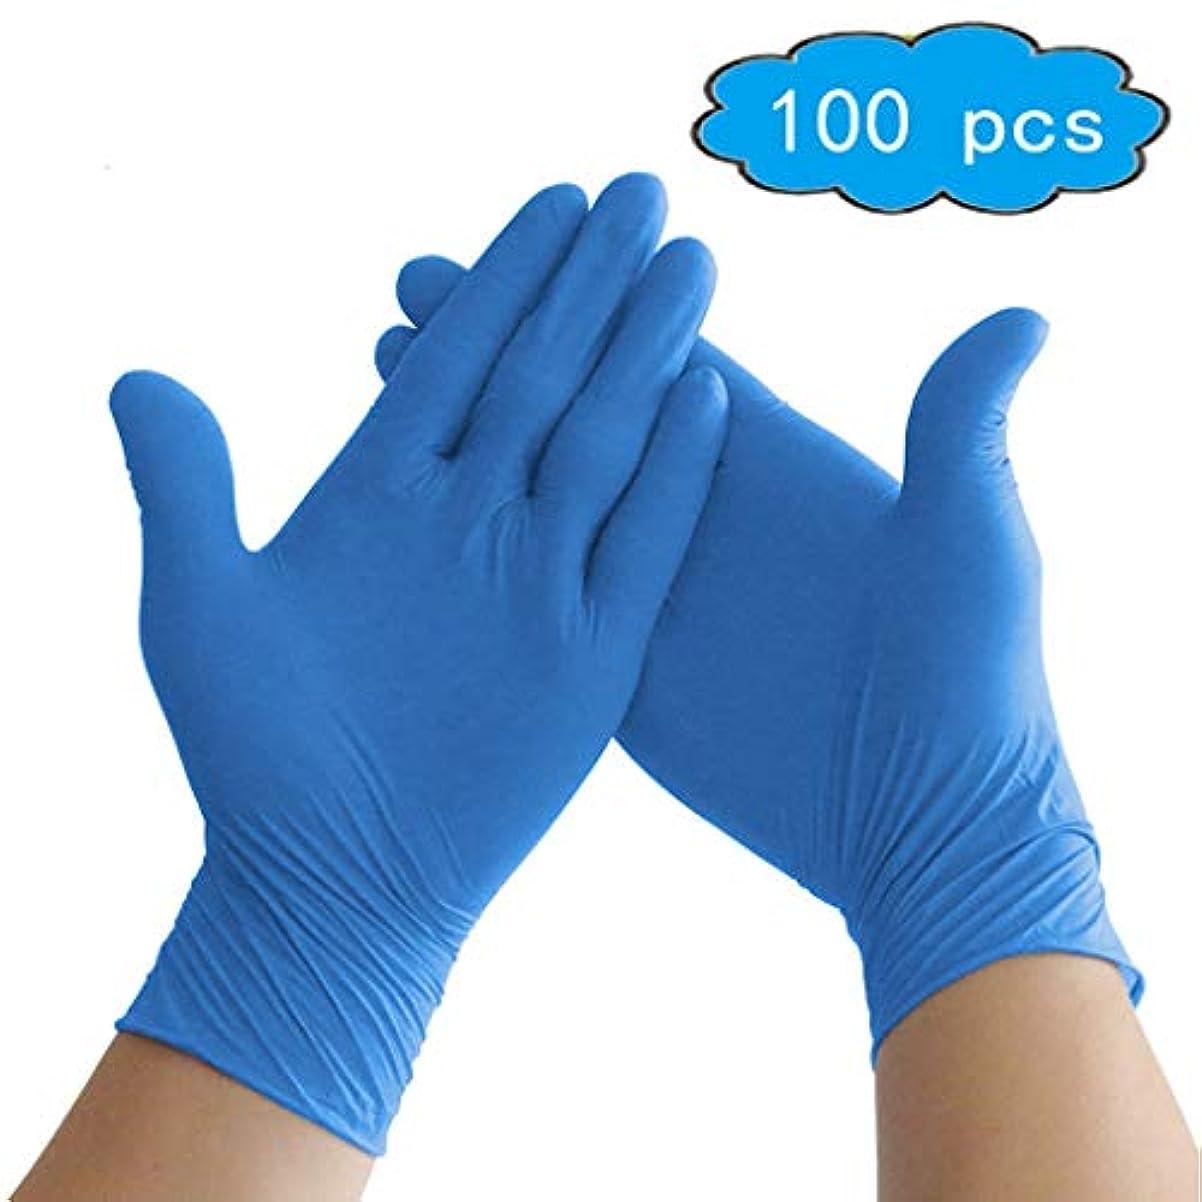 耳返還師匠ニトリル手袋工業、パウダーフリー、使い捨て、ブルー(100箱)衛生手袋 (Color : Blue, Size : S)